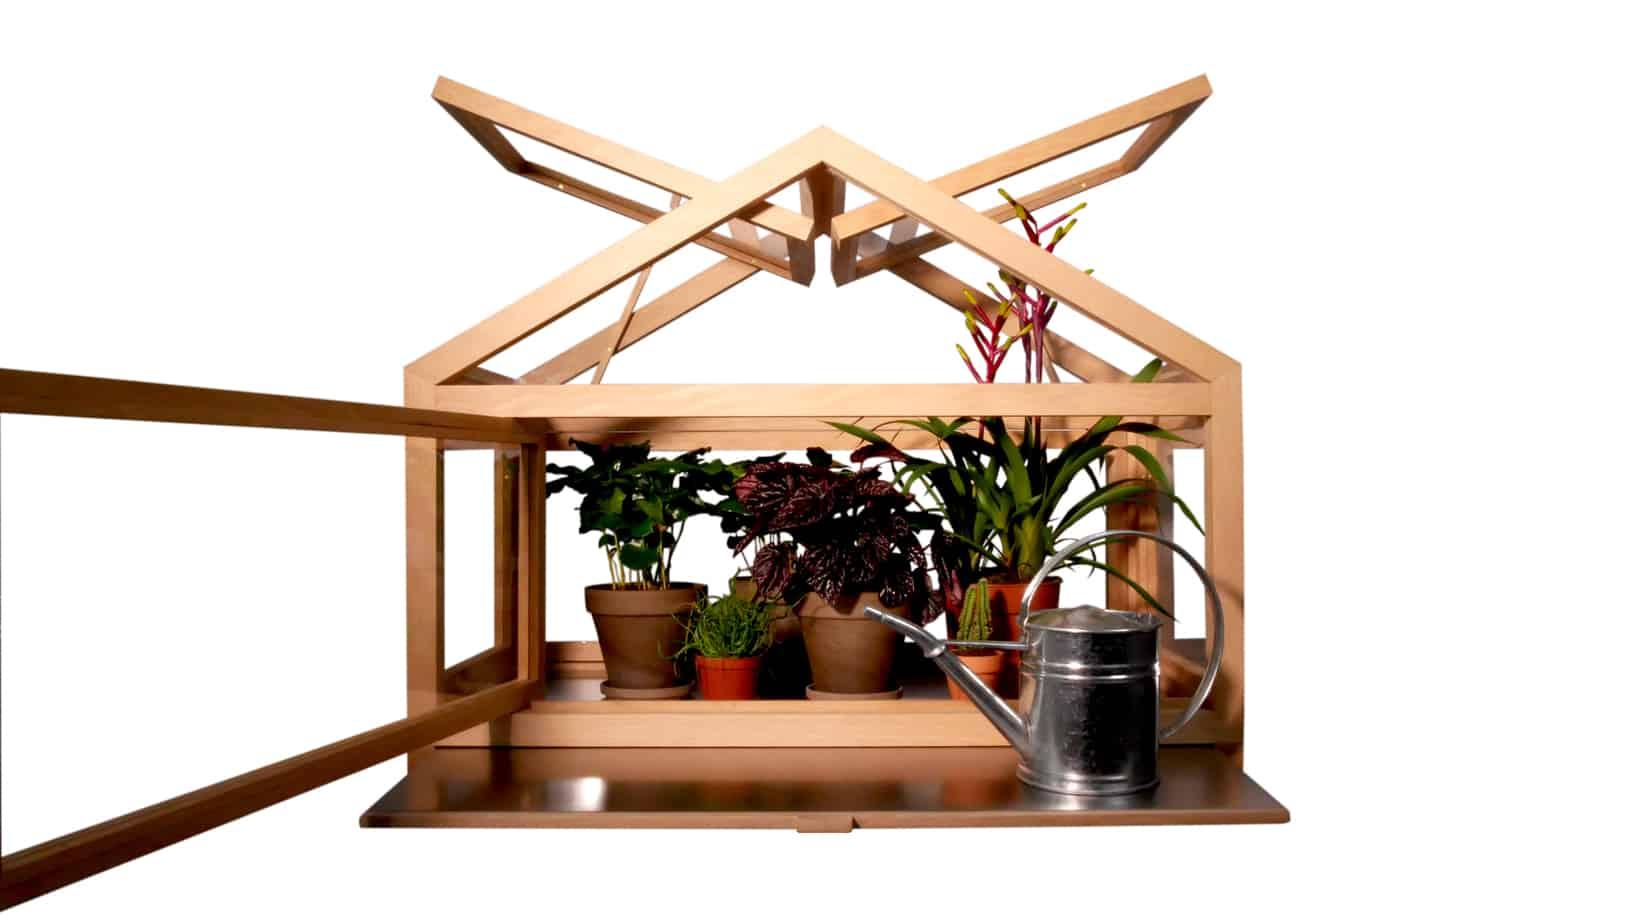 Serre1 LJ Garden Concept